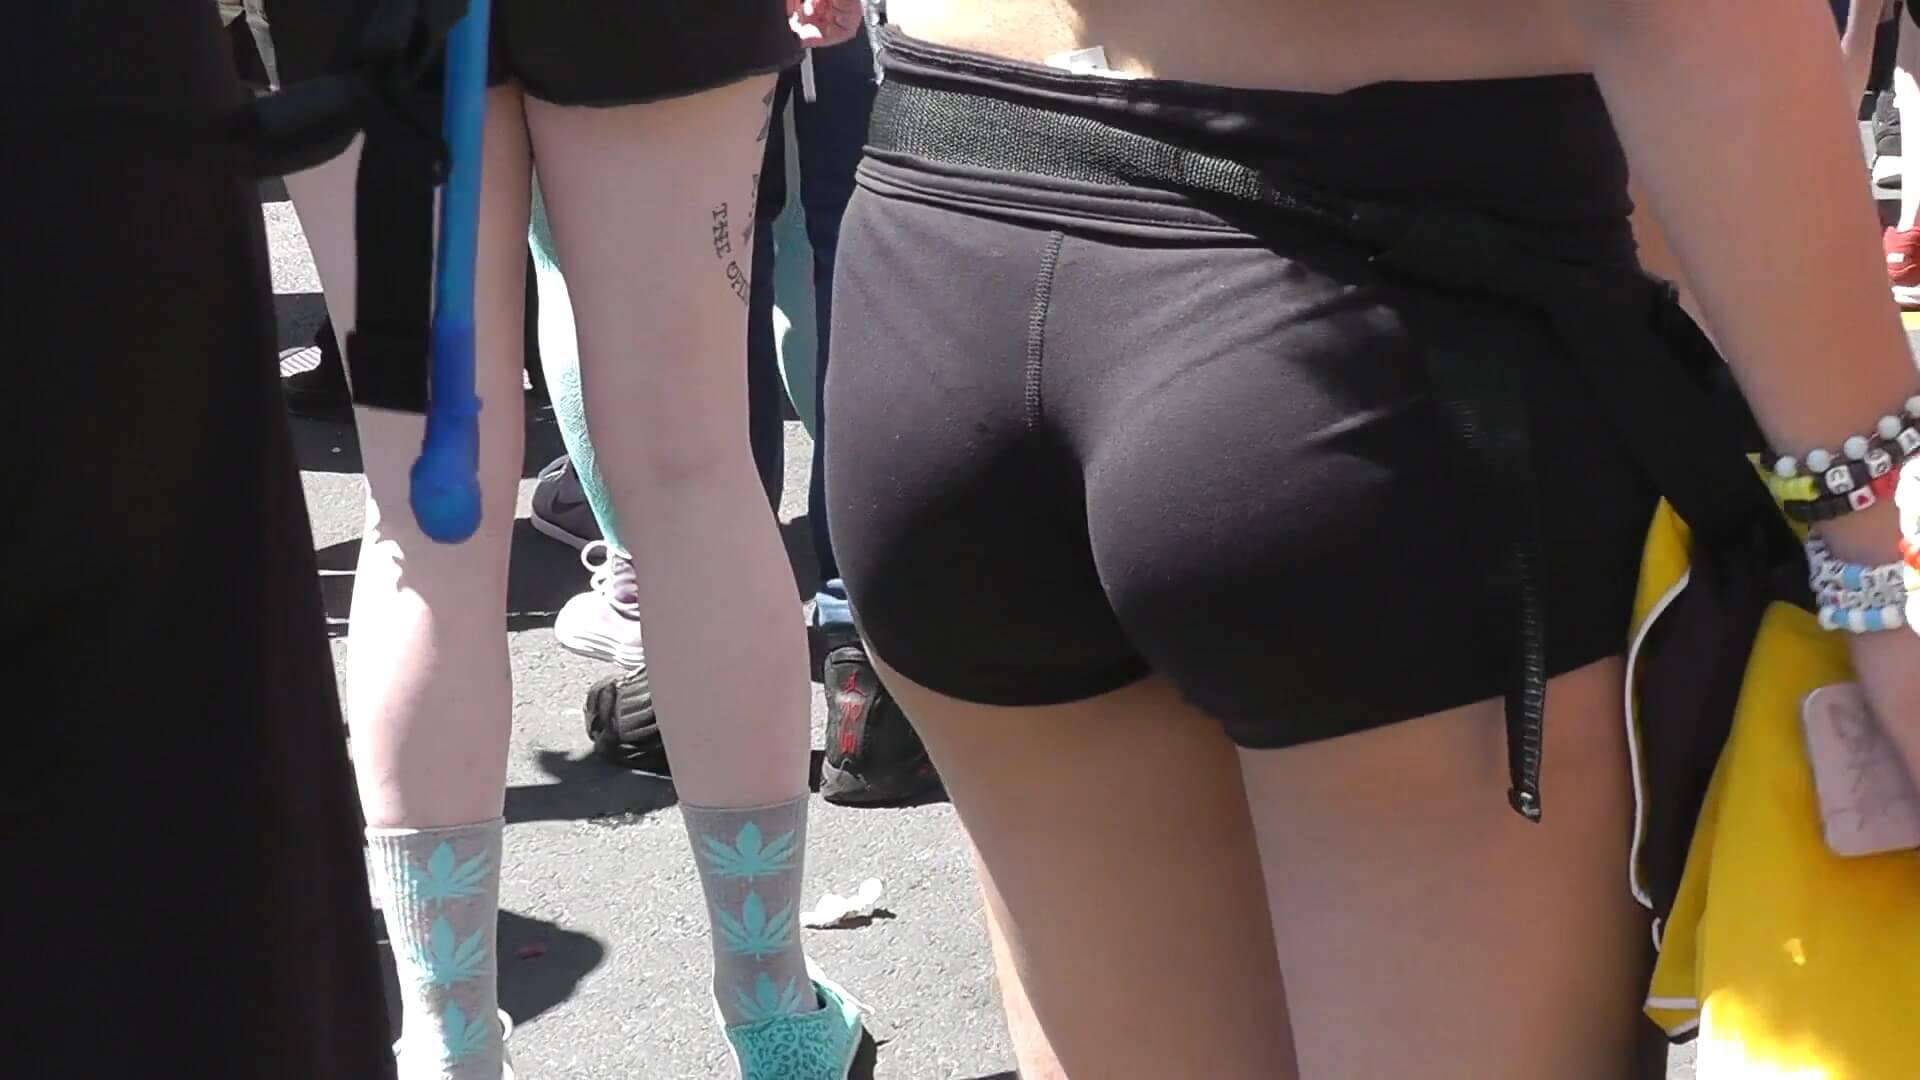 Vpl great ass on the street 3